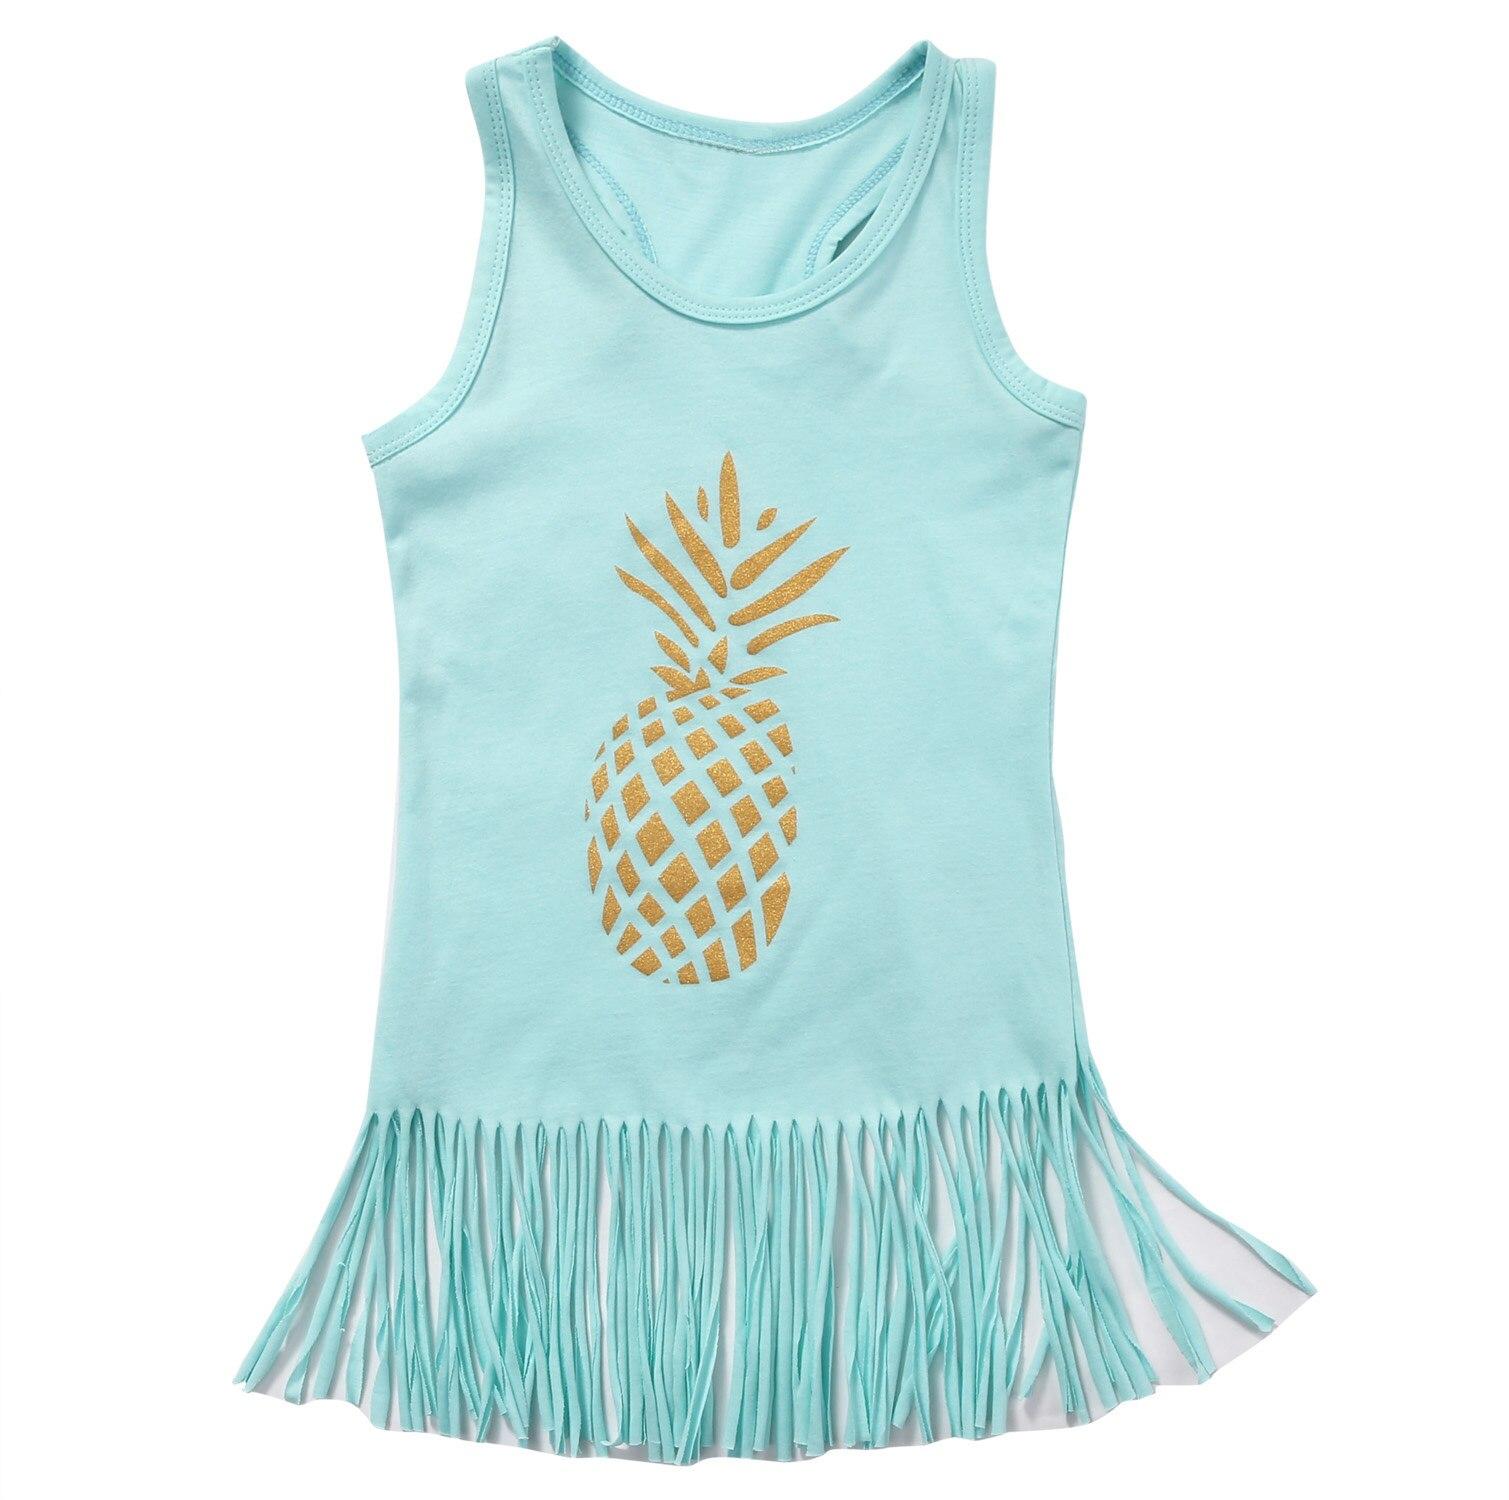 Sleeveless Pineapple Print Tassle Tanks Top For Girls